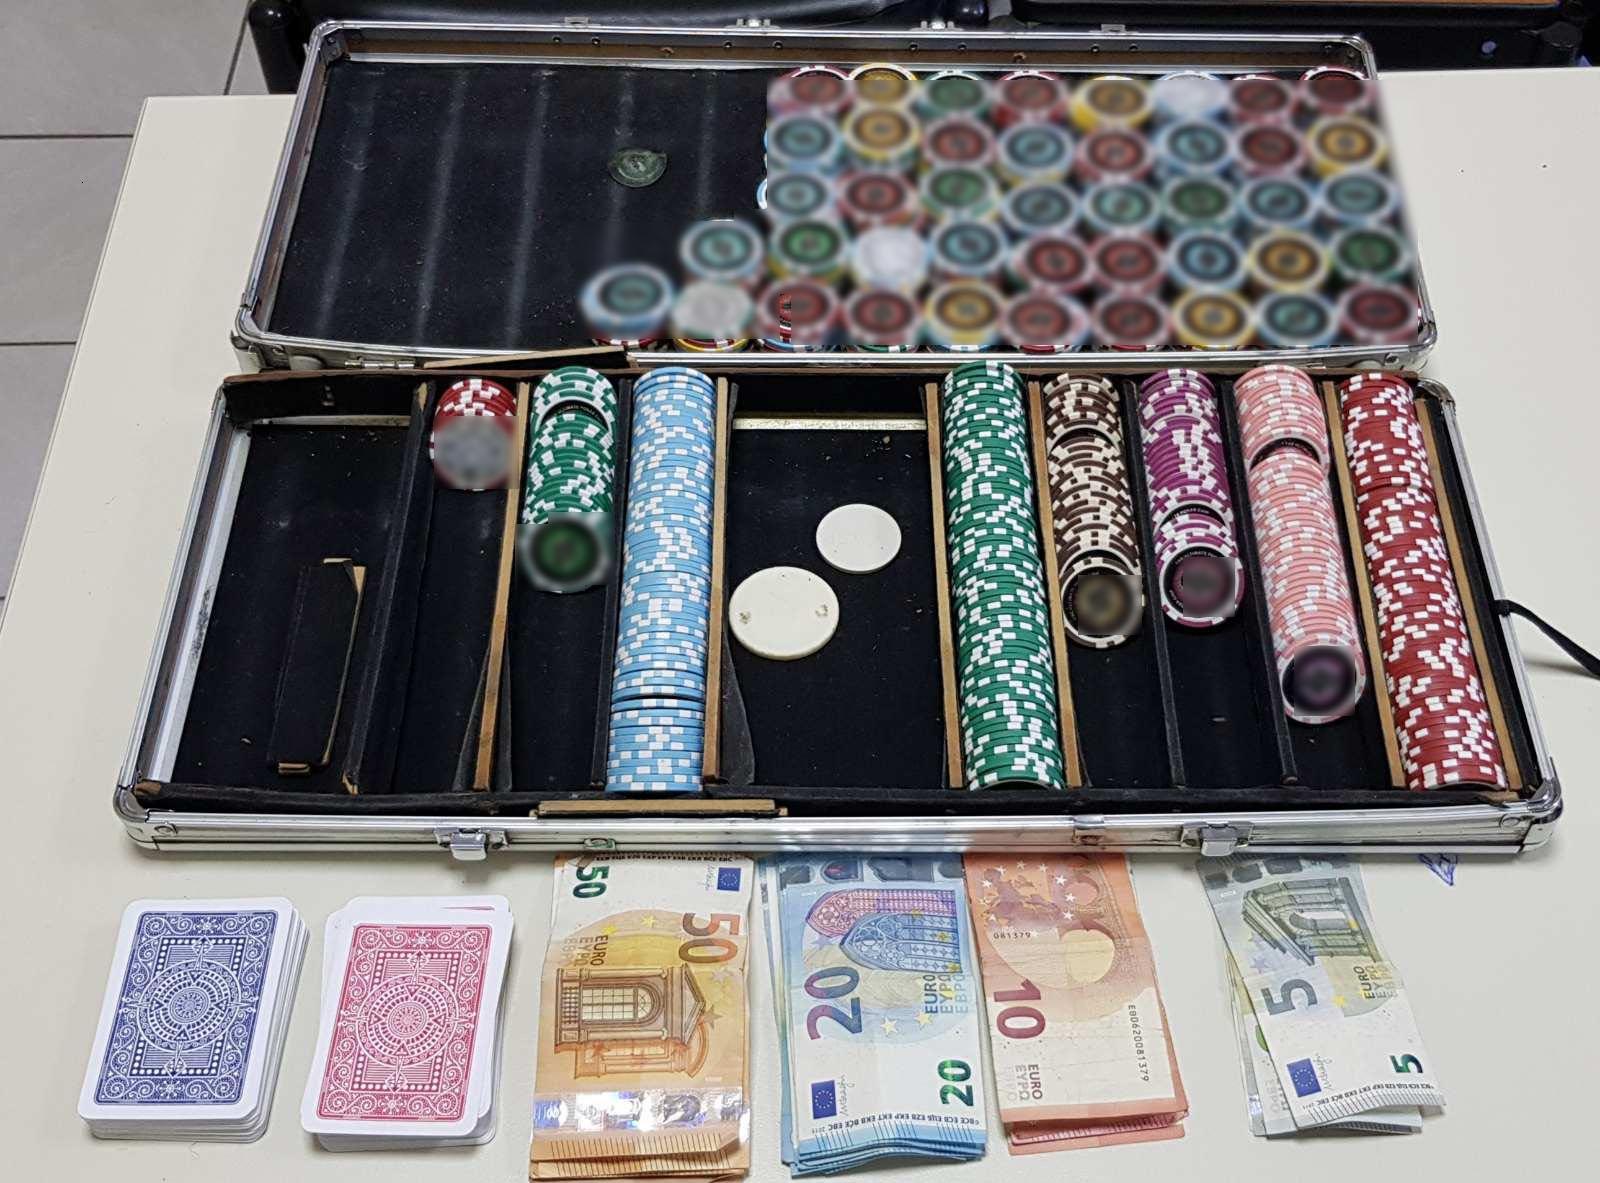 Συνελήφθησαν 11 άτομα για συμμετοχή σε παράνομο τυχερό παίγνιο στην Πτολεμαΐδα